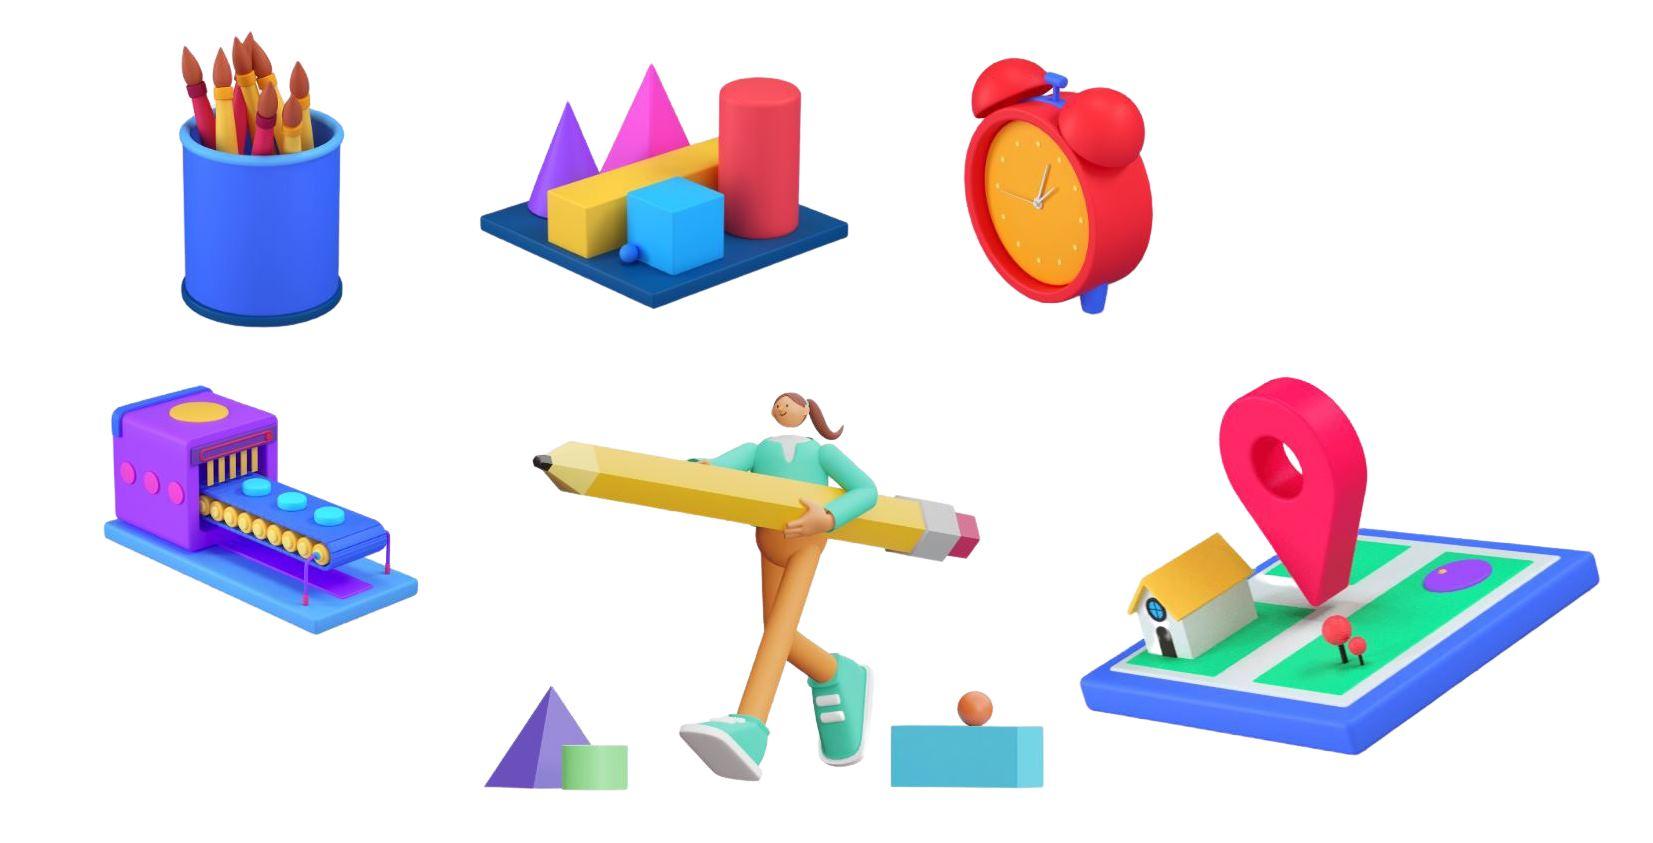 Iconos 3D gratuitos, lista de sitios para Download